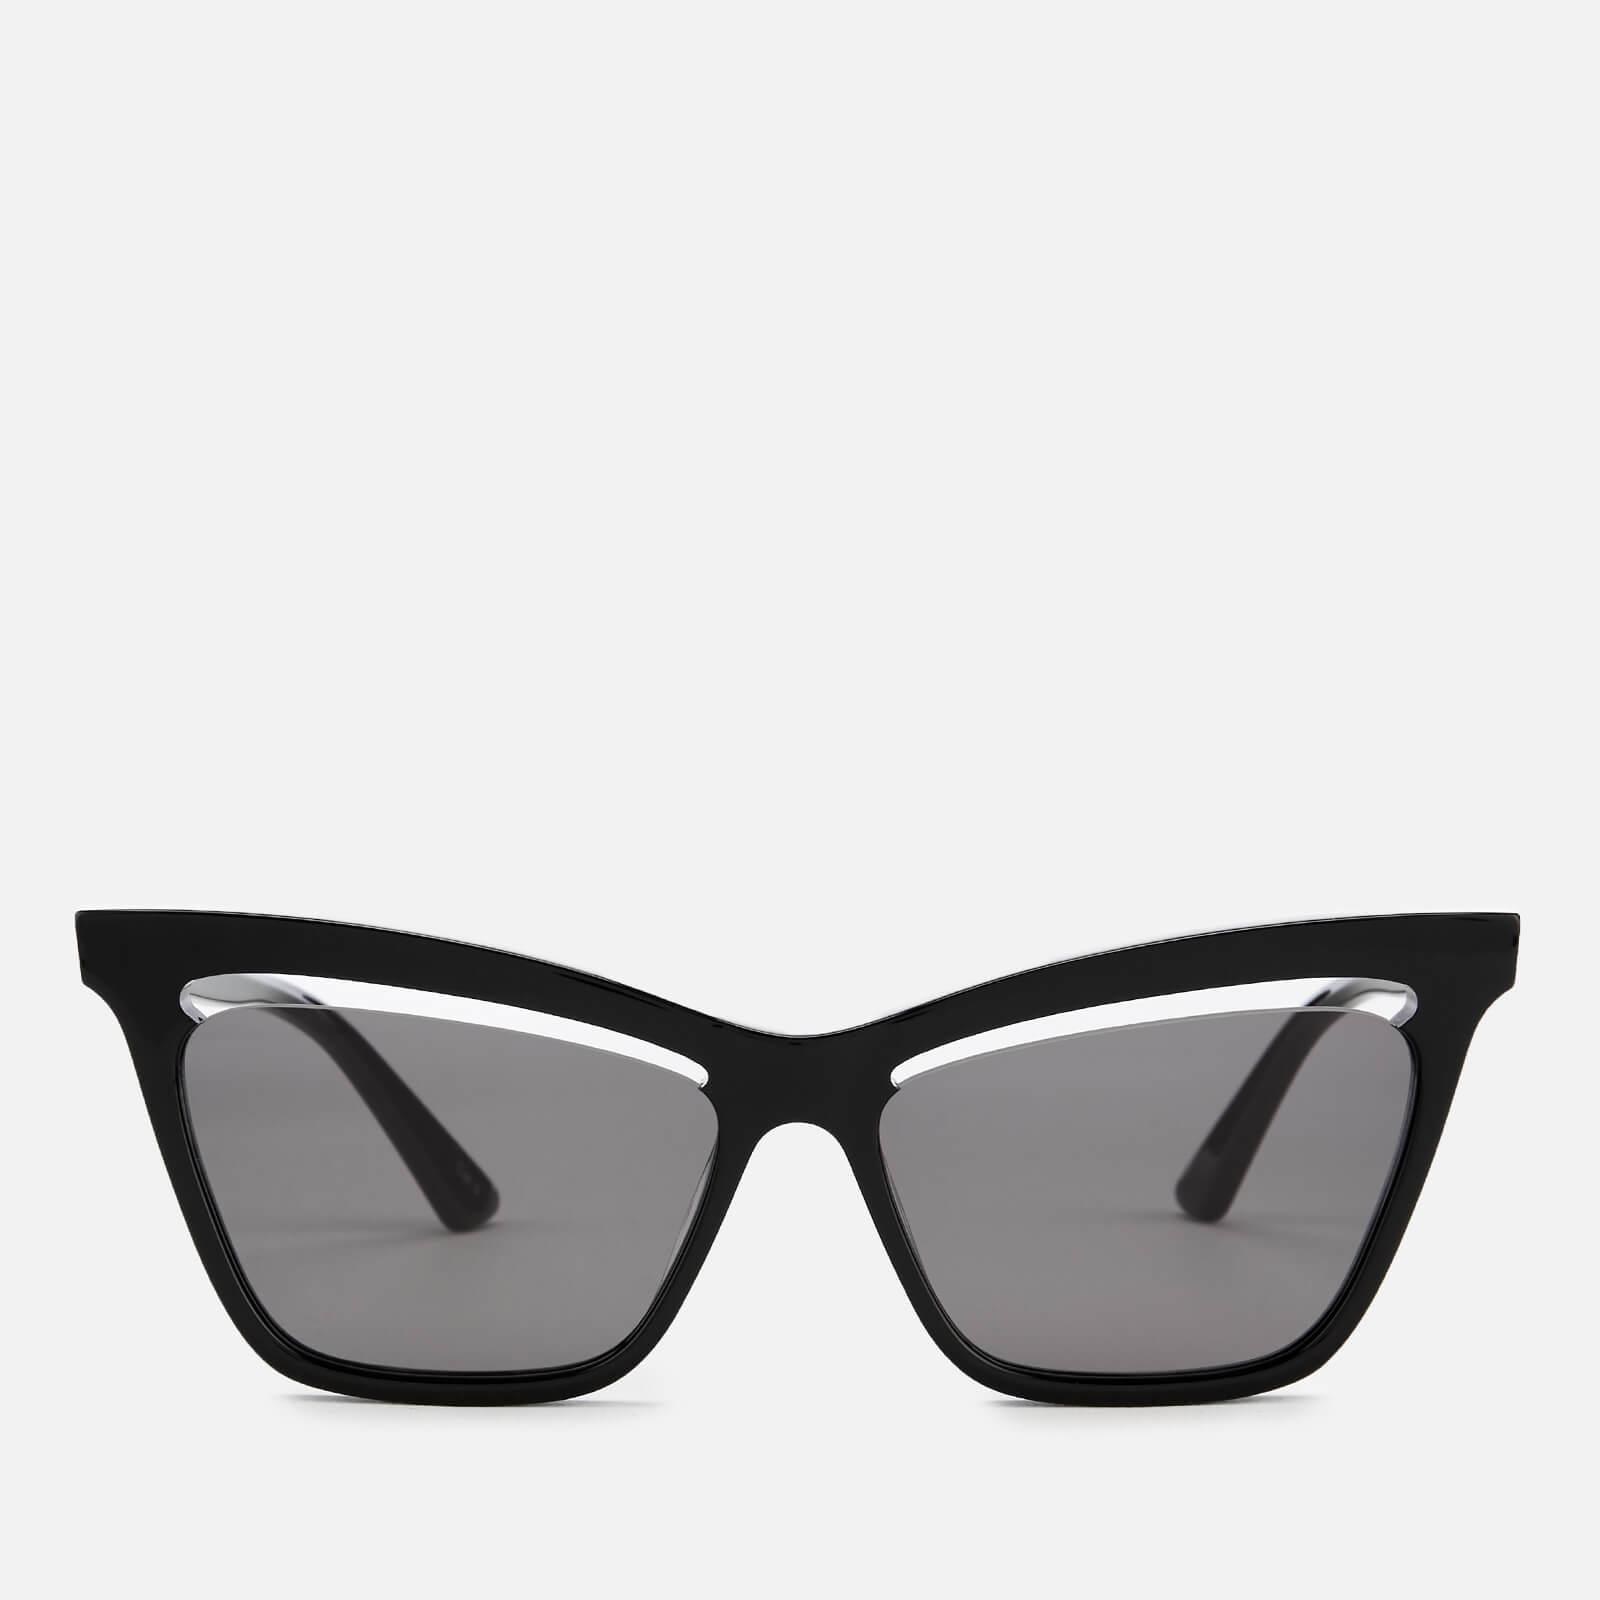 a1a0a62817c5 McQ Alexander McQueen Women s Cat-Eye Sunglasses - Black - Free UK ...